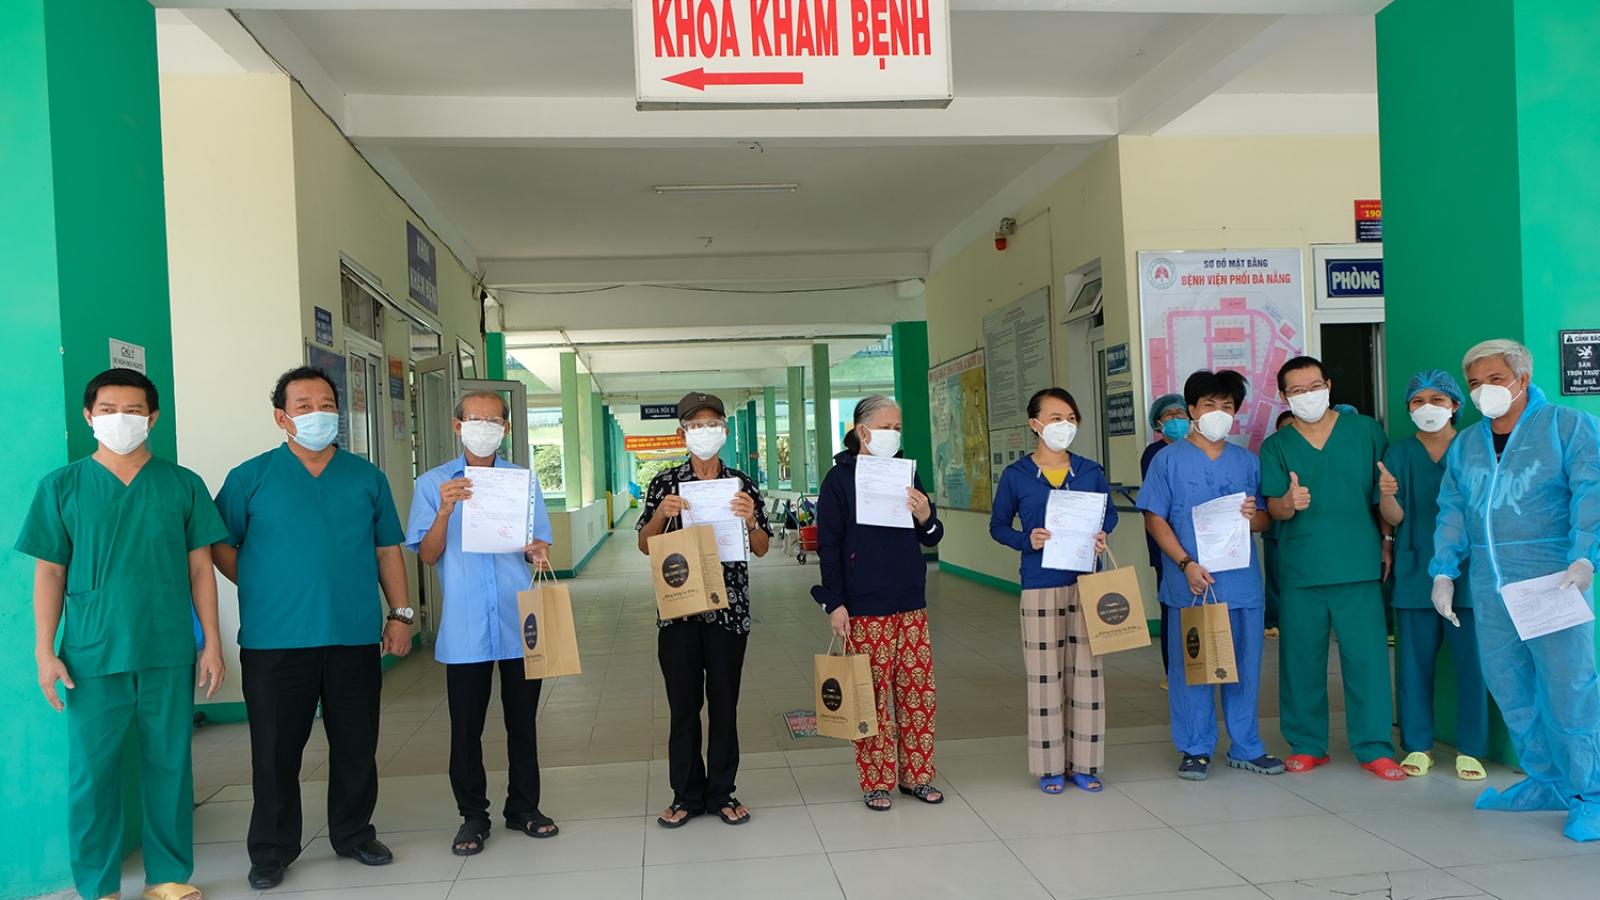 Bệnh viện Phổi Đà Nẵng cho 5 bệnh nhân hết Covid-19 ra viện